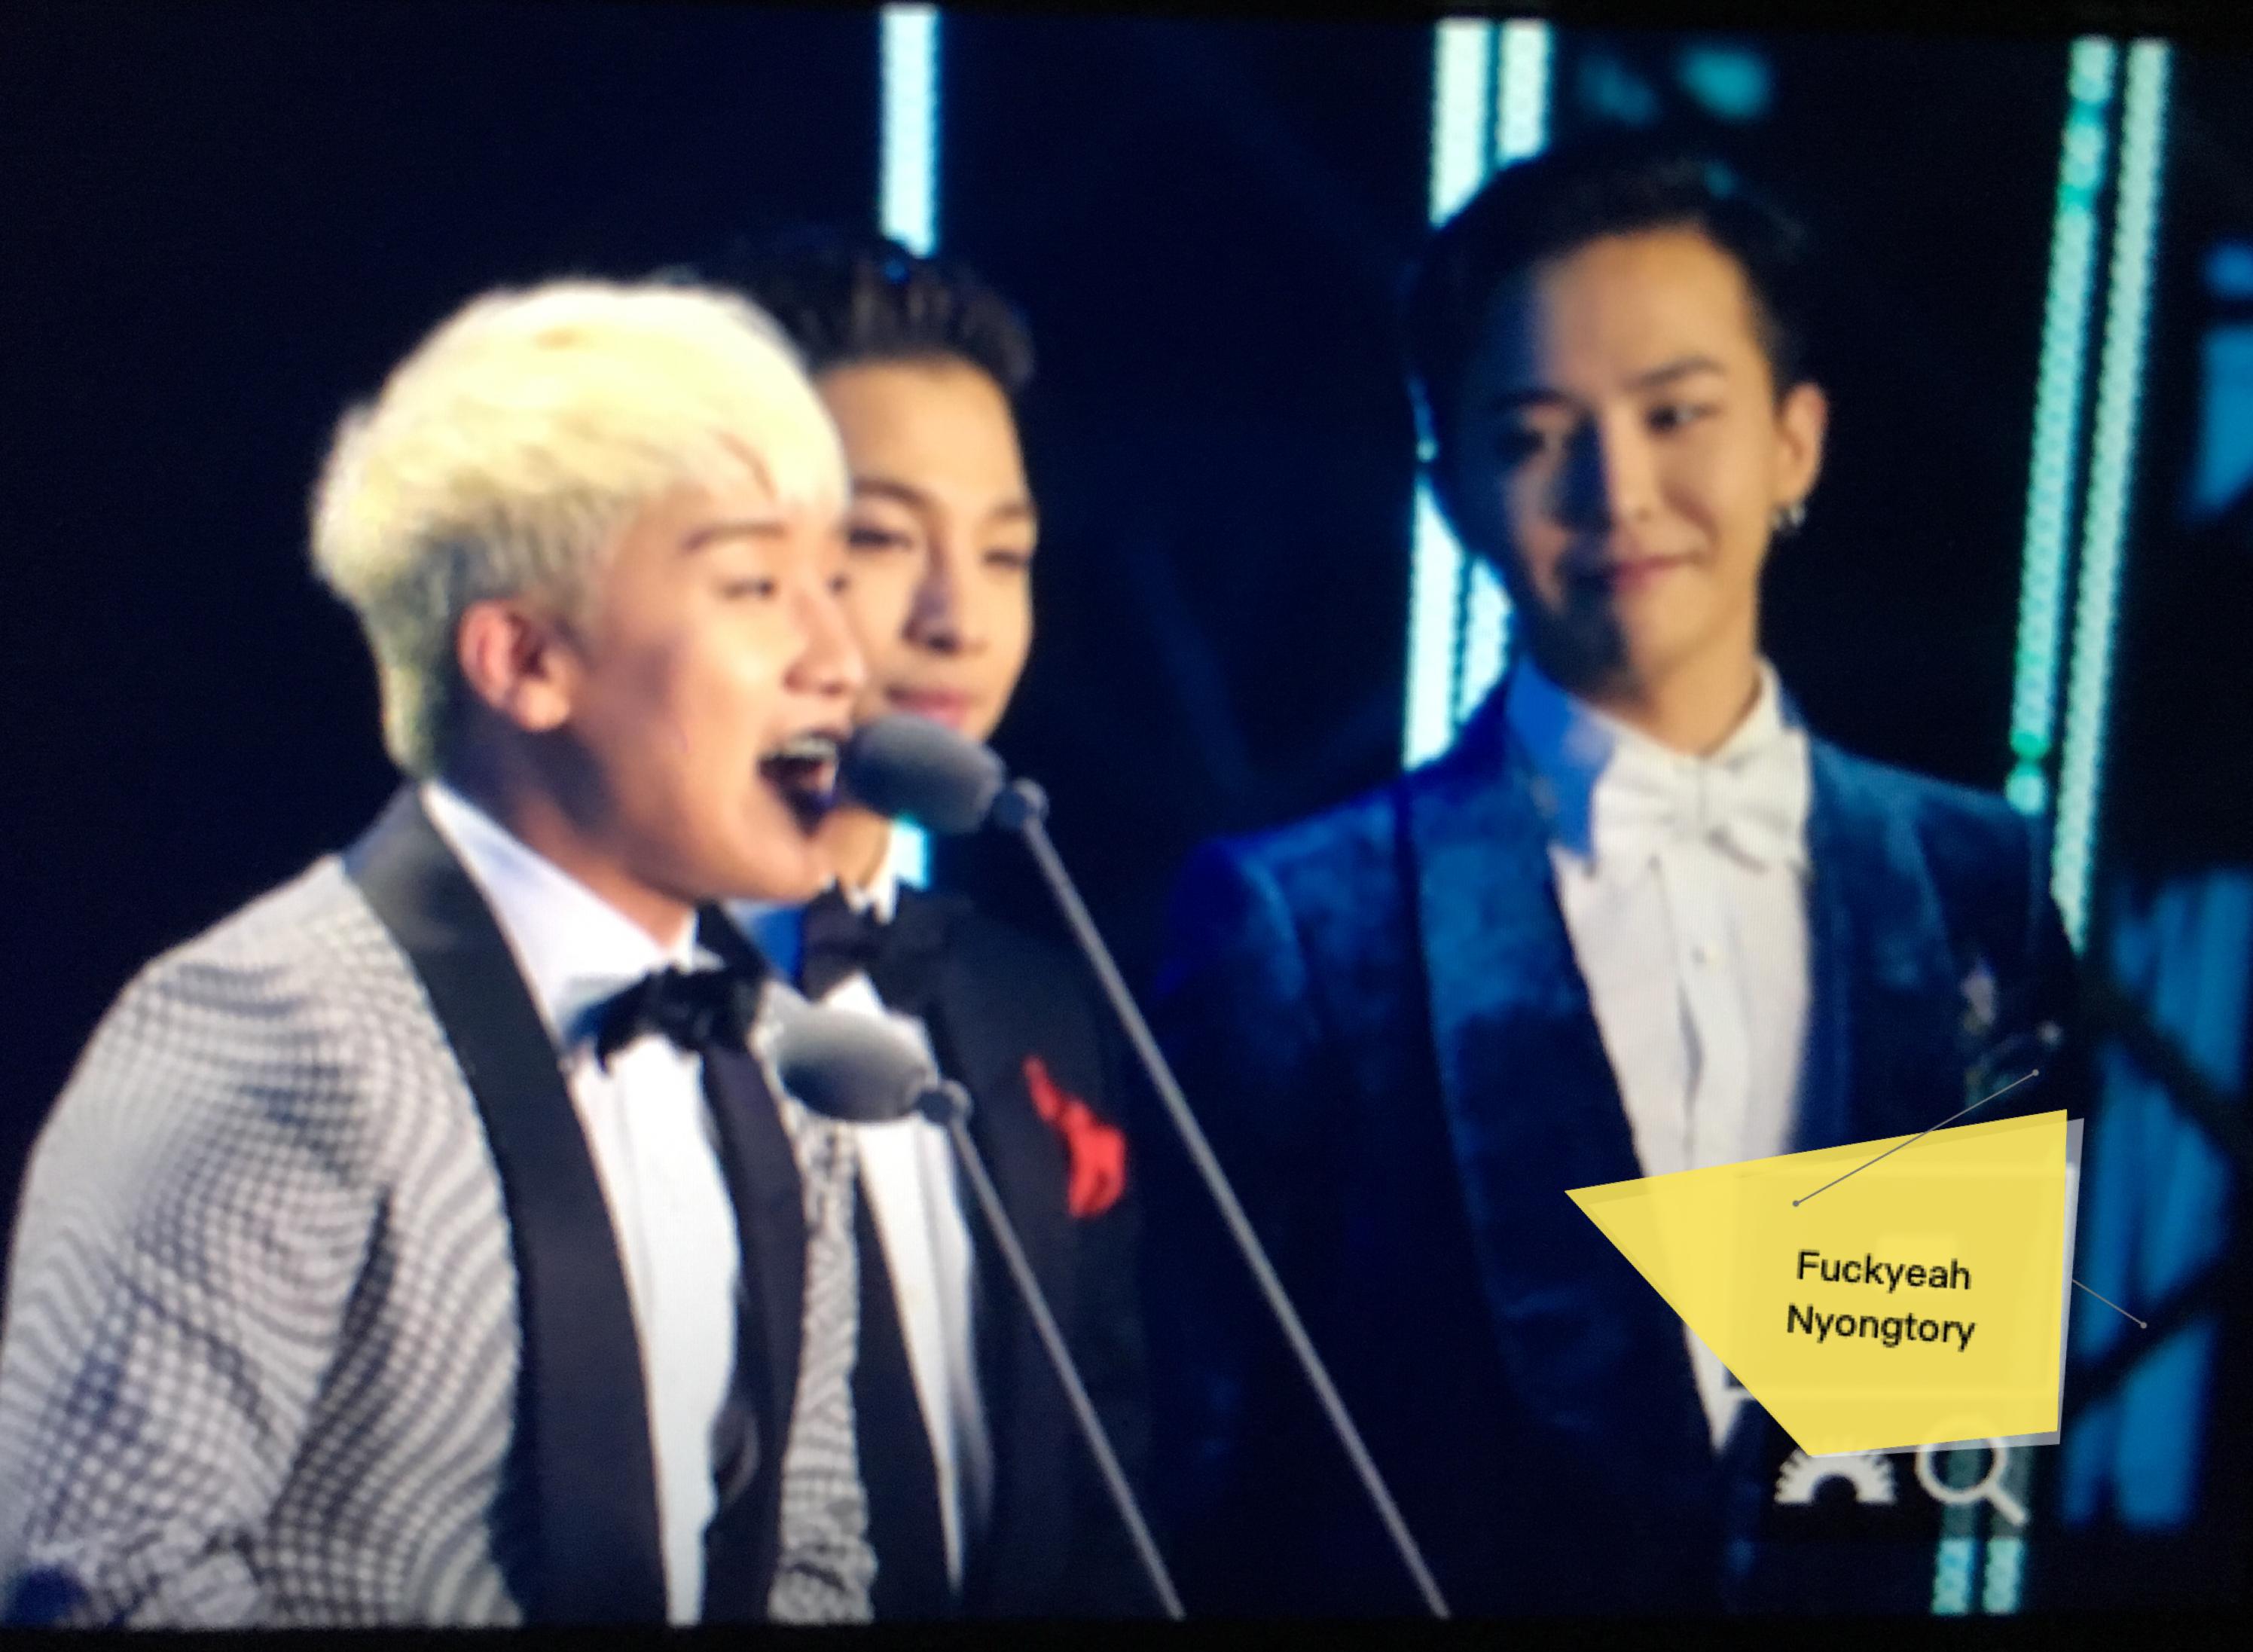 BIGBANG - QQ Music Awards 2016 - 23mar2016 - Fuckyeah_Nyongtory - 01